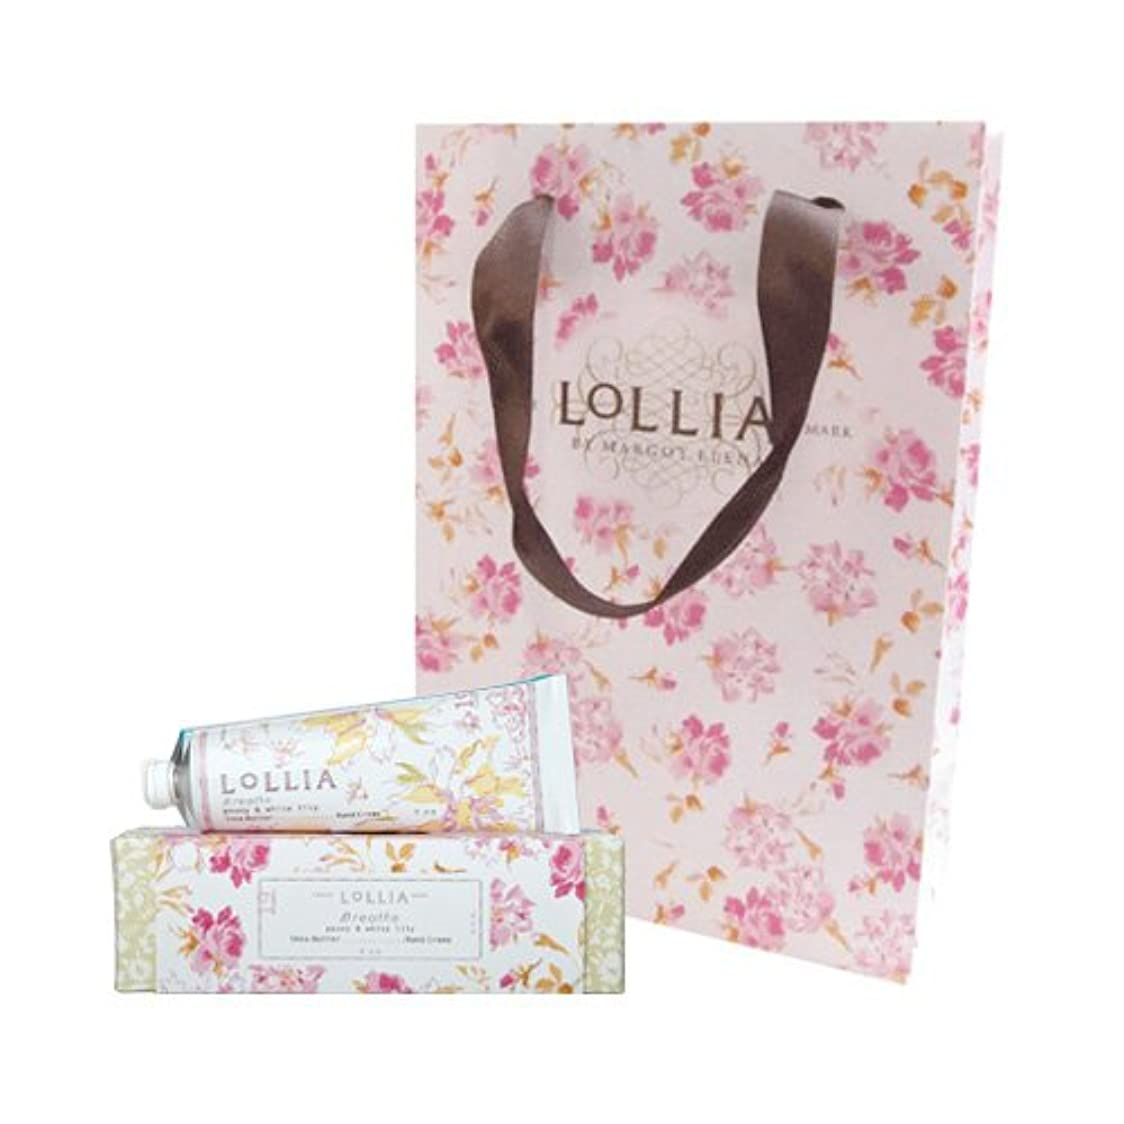 忍耐応援するペグロリア(LoLLIA) ハンドクリーム Breath 35g (ピオニーとホワイトリリーの甘くさわやかな香り) ショッパー付